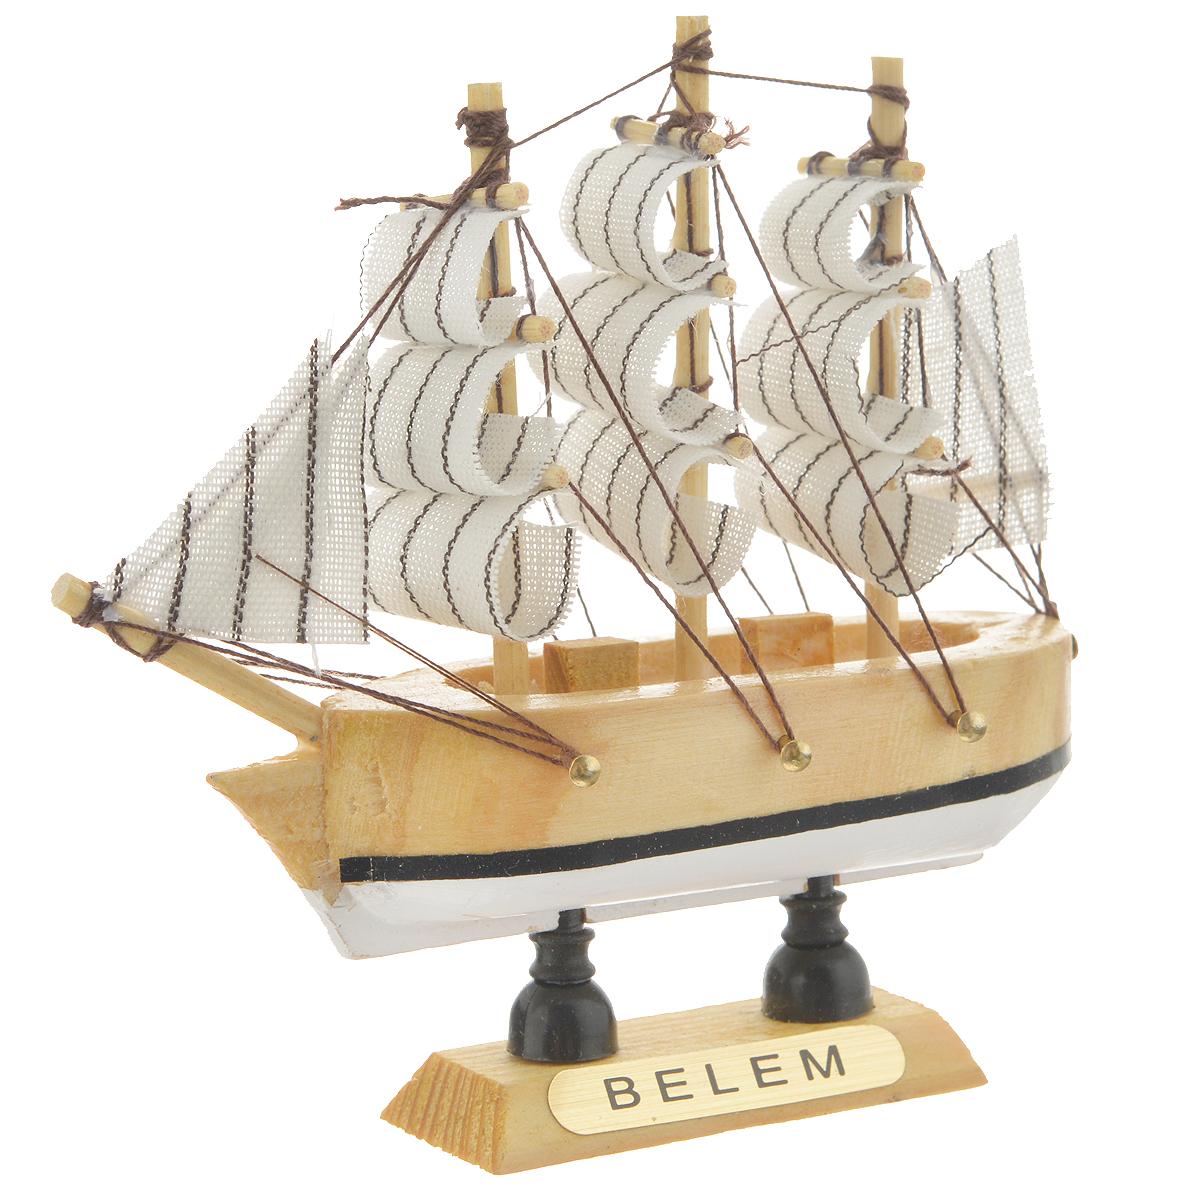 Корабль сувенирный Belem, длина 10 см41619Сувенирный корабль Belem, изготовленный из дерева и текстиля, это великолепный элемент декора рабочей зоны в офисе или кабинете. Корабль с парусами помещен на деревянную подставку. Время идет, и мы становимся свидетелями развития технического прогресса, новых учений и практик. Но одно не подвластно времени - это любовь человека к морю и кораблям. Сувенирный корабль наполнен историей и силой океанских вод. Данная модель кораблика станет отличным подарком для всех любителей морей, поклонников историй о покорении океанов и неизведанных земель. Модель корабля - подарок со смыслом. Издавна на Руси считалось, что корабли приносят удачу и везение. Поэтому их изображения, фигурки и точные копии всегда присутствовали в помещениях. Удивите себя и своих близких необычным презентом.